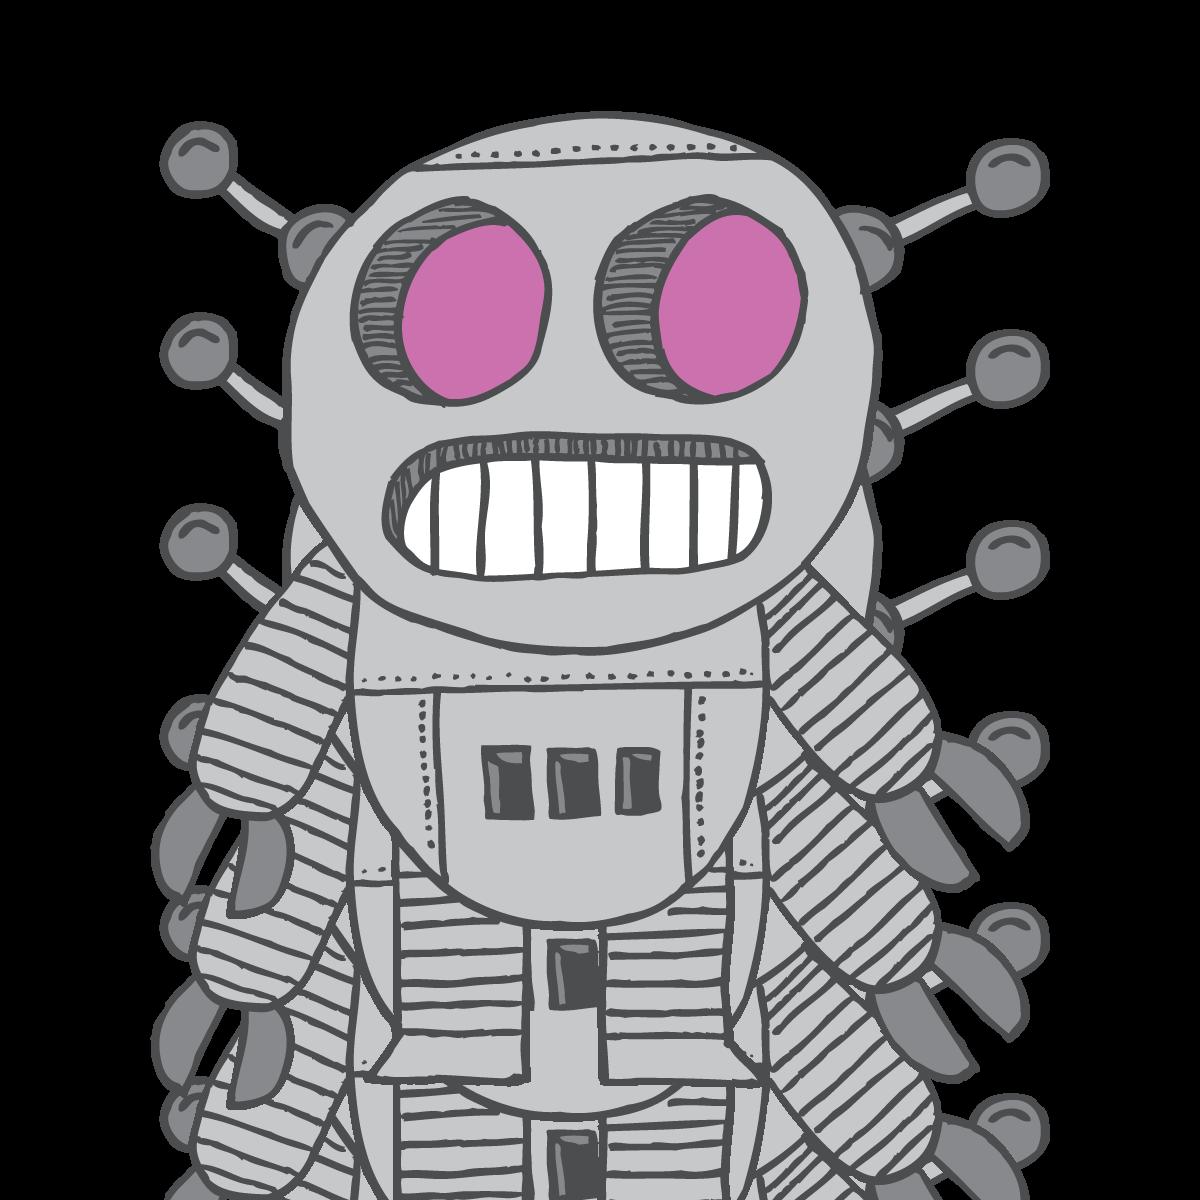 DGS_Robots-12